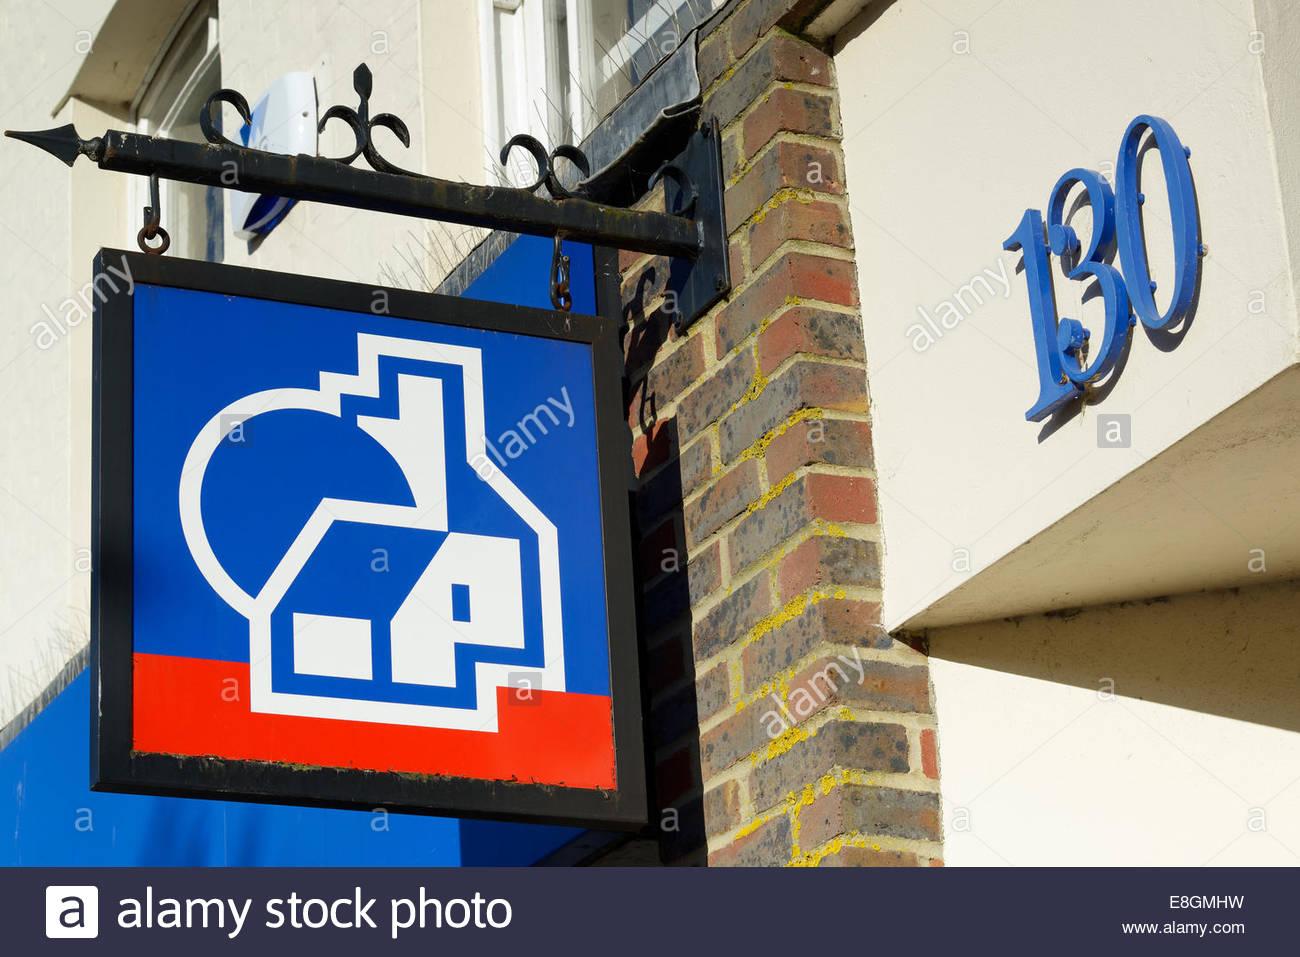 Nationwide Building Society logo on sign, Poole, Dorset, England UK - Stock Image